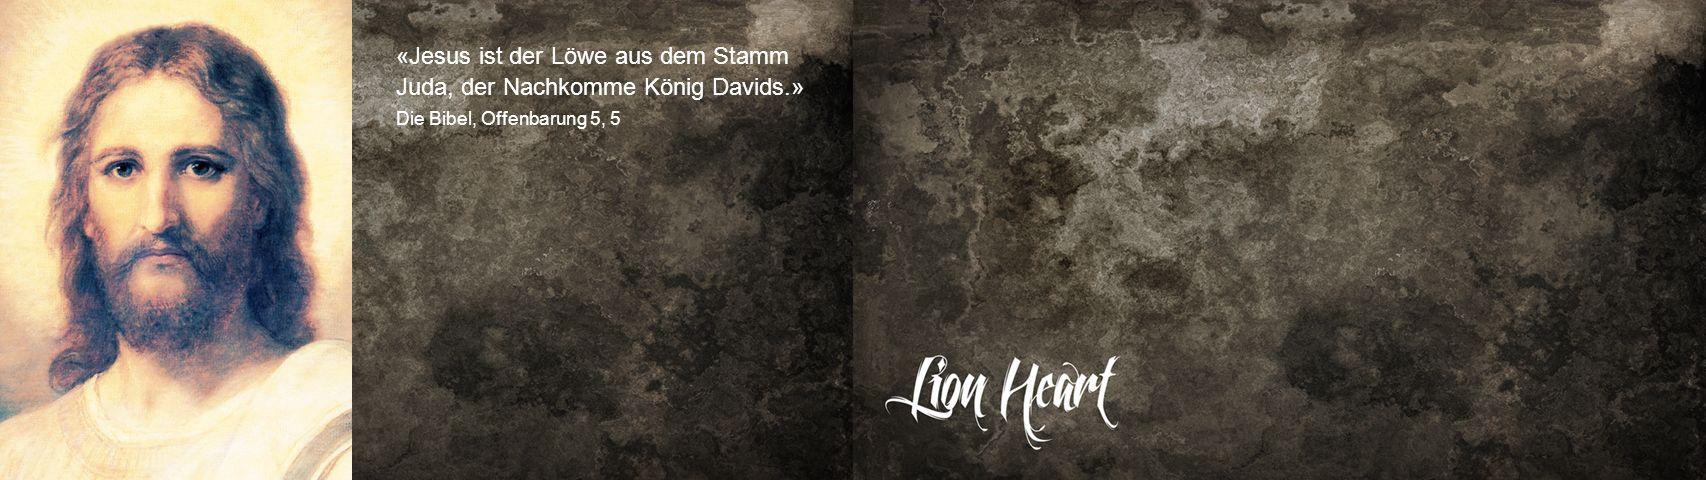 «Jesus ist der Löwe aus dem Stamm Juda, der Nachkomme König Davids.»